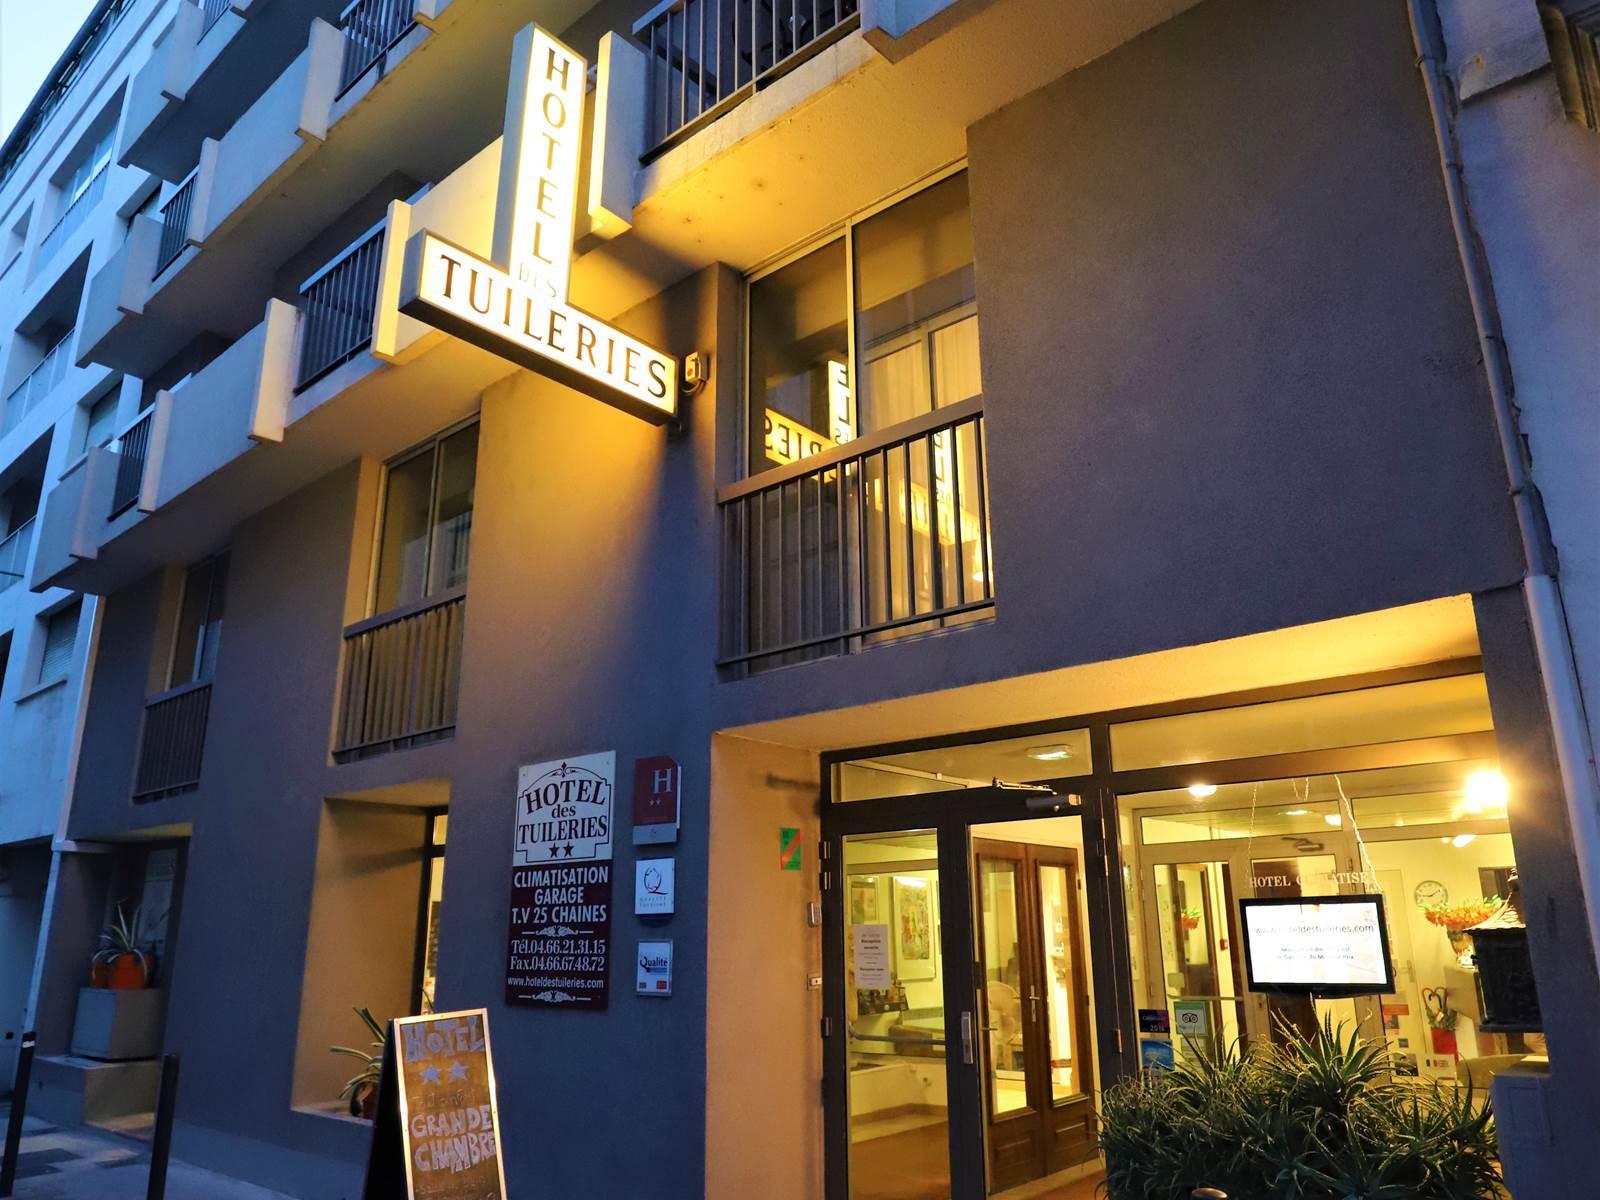 Hotel des Tuileries, centre Nîmes, rue calme proche gare SNCF